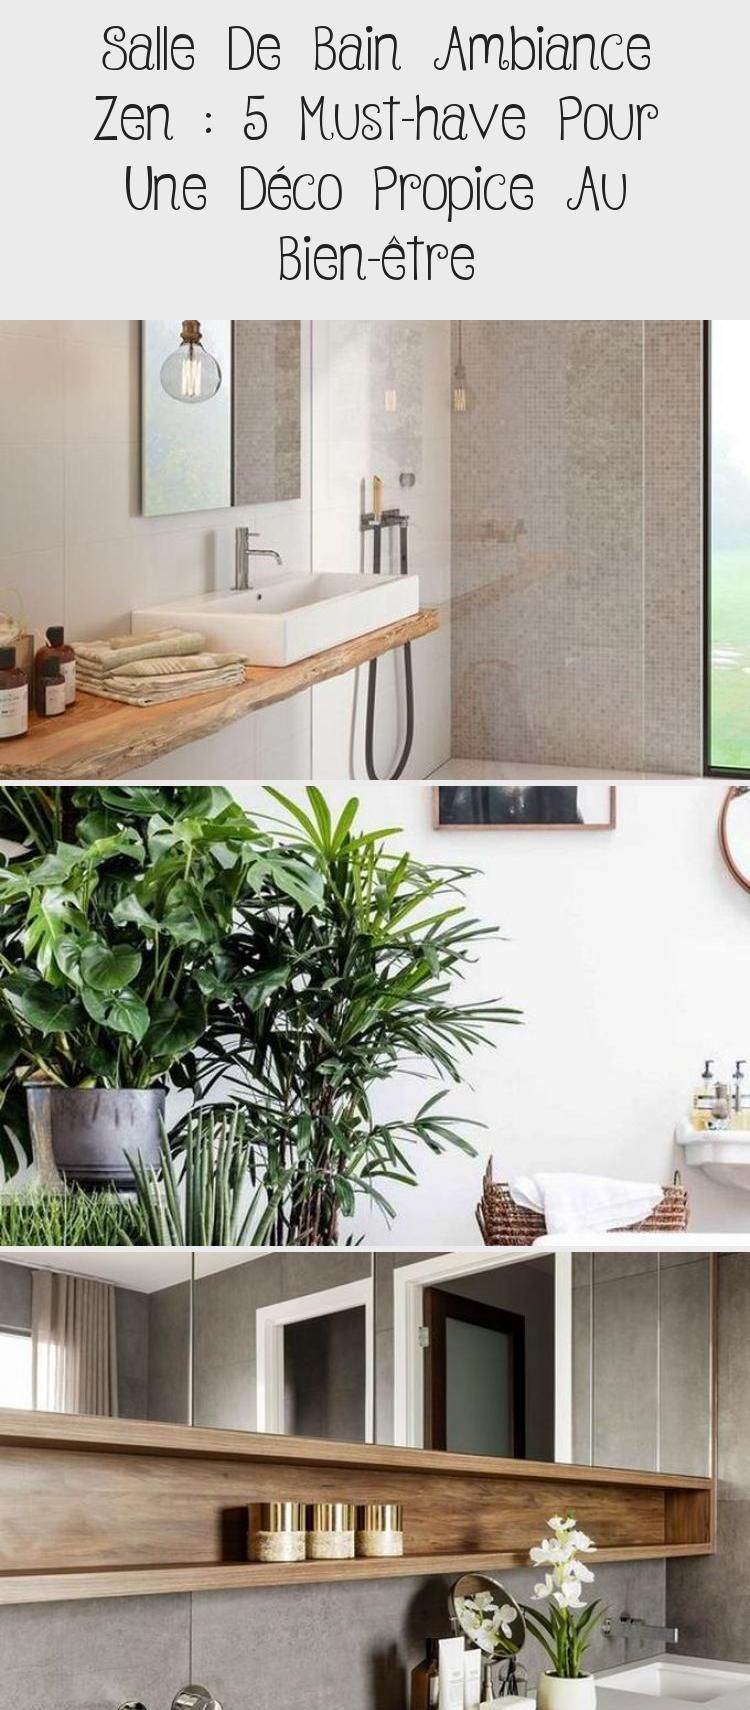 Salle De Bain Ambiance Zen 5 Indispensables Clem Around The Corner Meuble De Salle De Bain Double Lavabo Vasques Blanches Petite Etagere De In 2020 Plants Bathroom